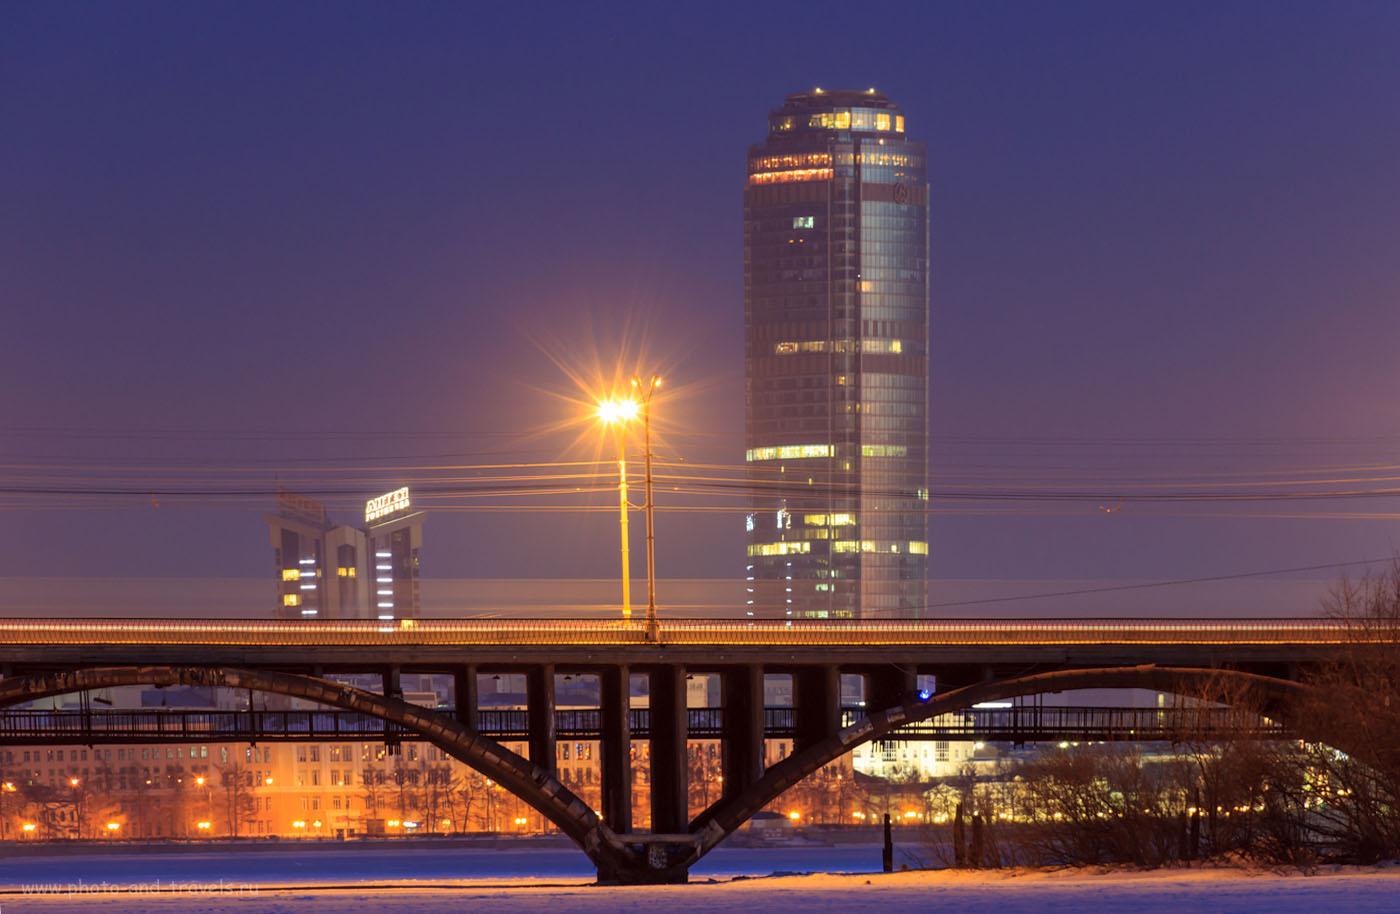 Фотография 43. Чтобы ночной пейзаж на Canon EOS 600D получился резким, его следует установить на штатив. Обратите внимание, как использовать телевик для съемки пейзажа: до моста 500 метров, до небоскреба – пара километров. Перспектива сжалась, показан масштаб здания. 8 секунд, 0, f/9.0, 200, 135.